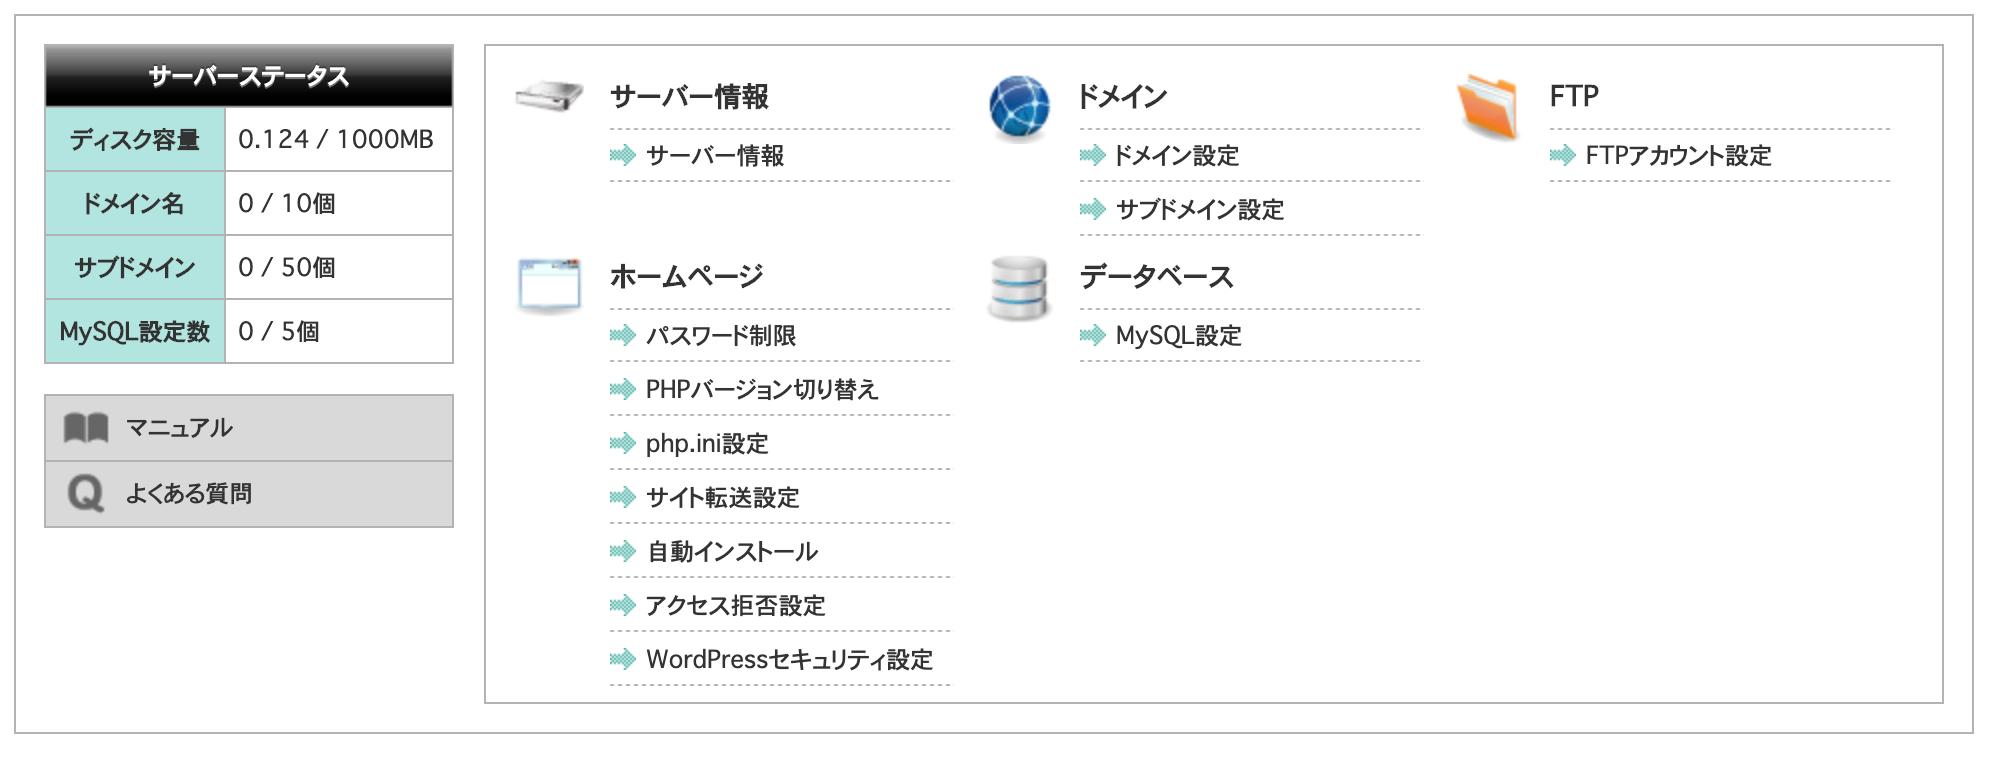 スクリーンショット 2020-11-16 11.34.04.png